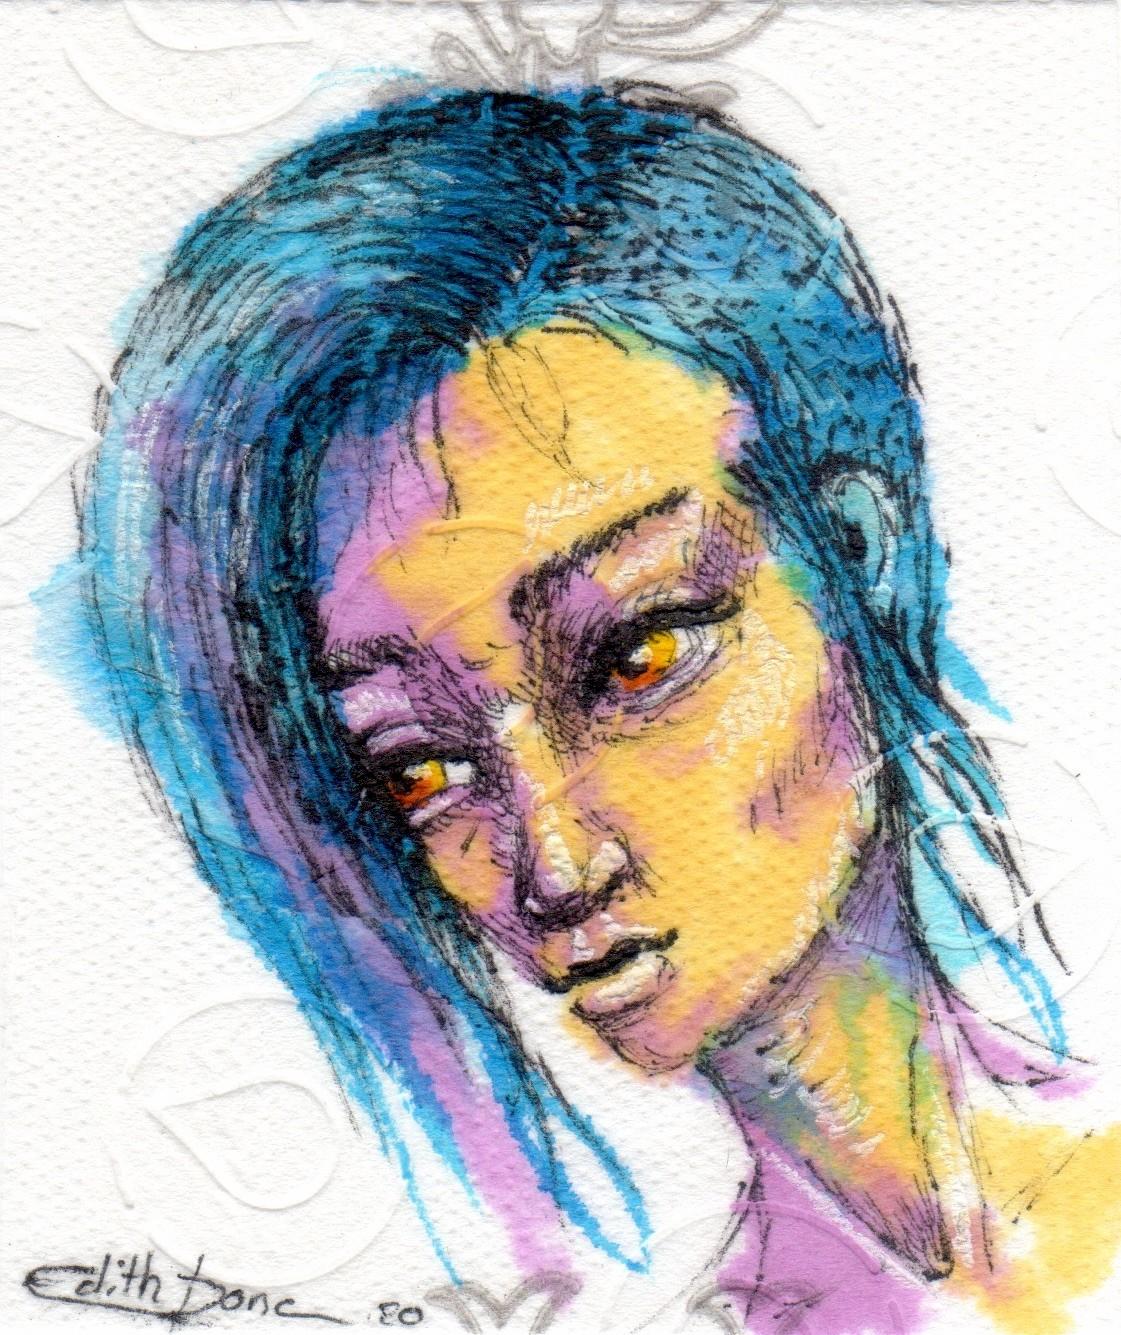 Edith Donc - Punkette